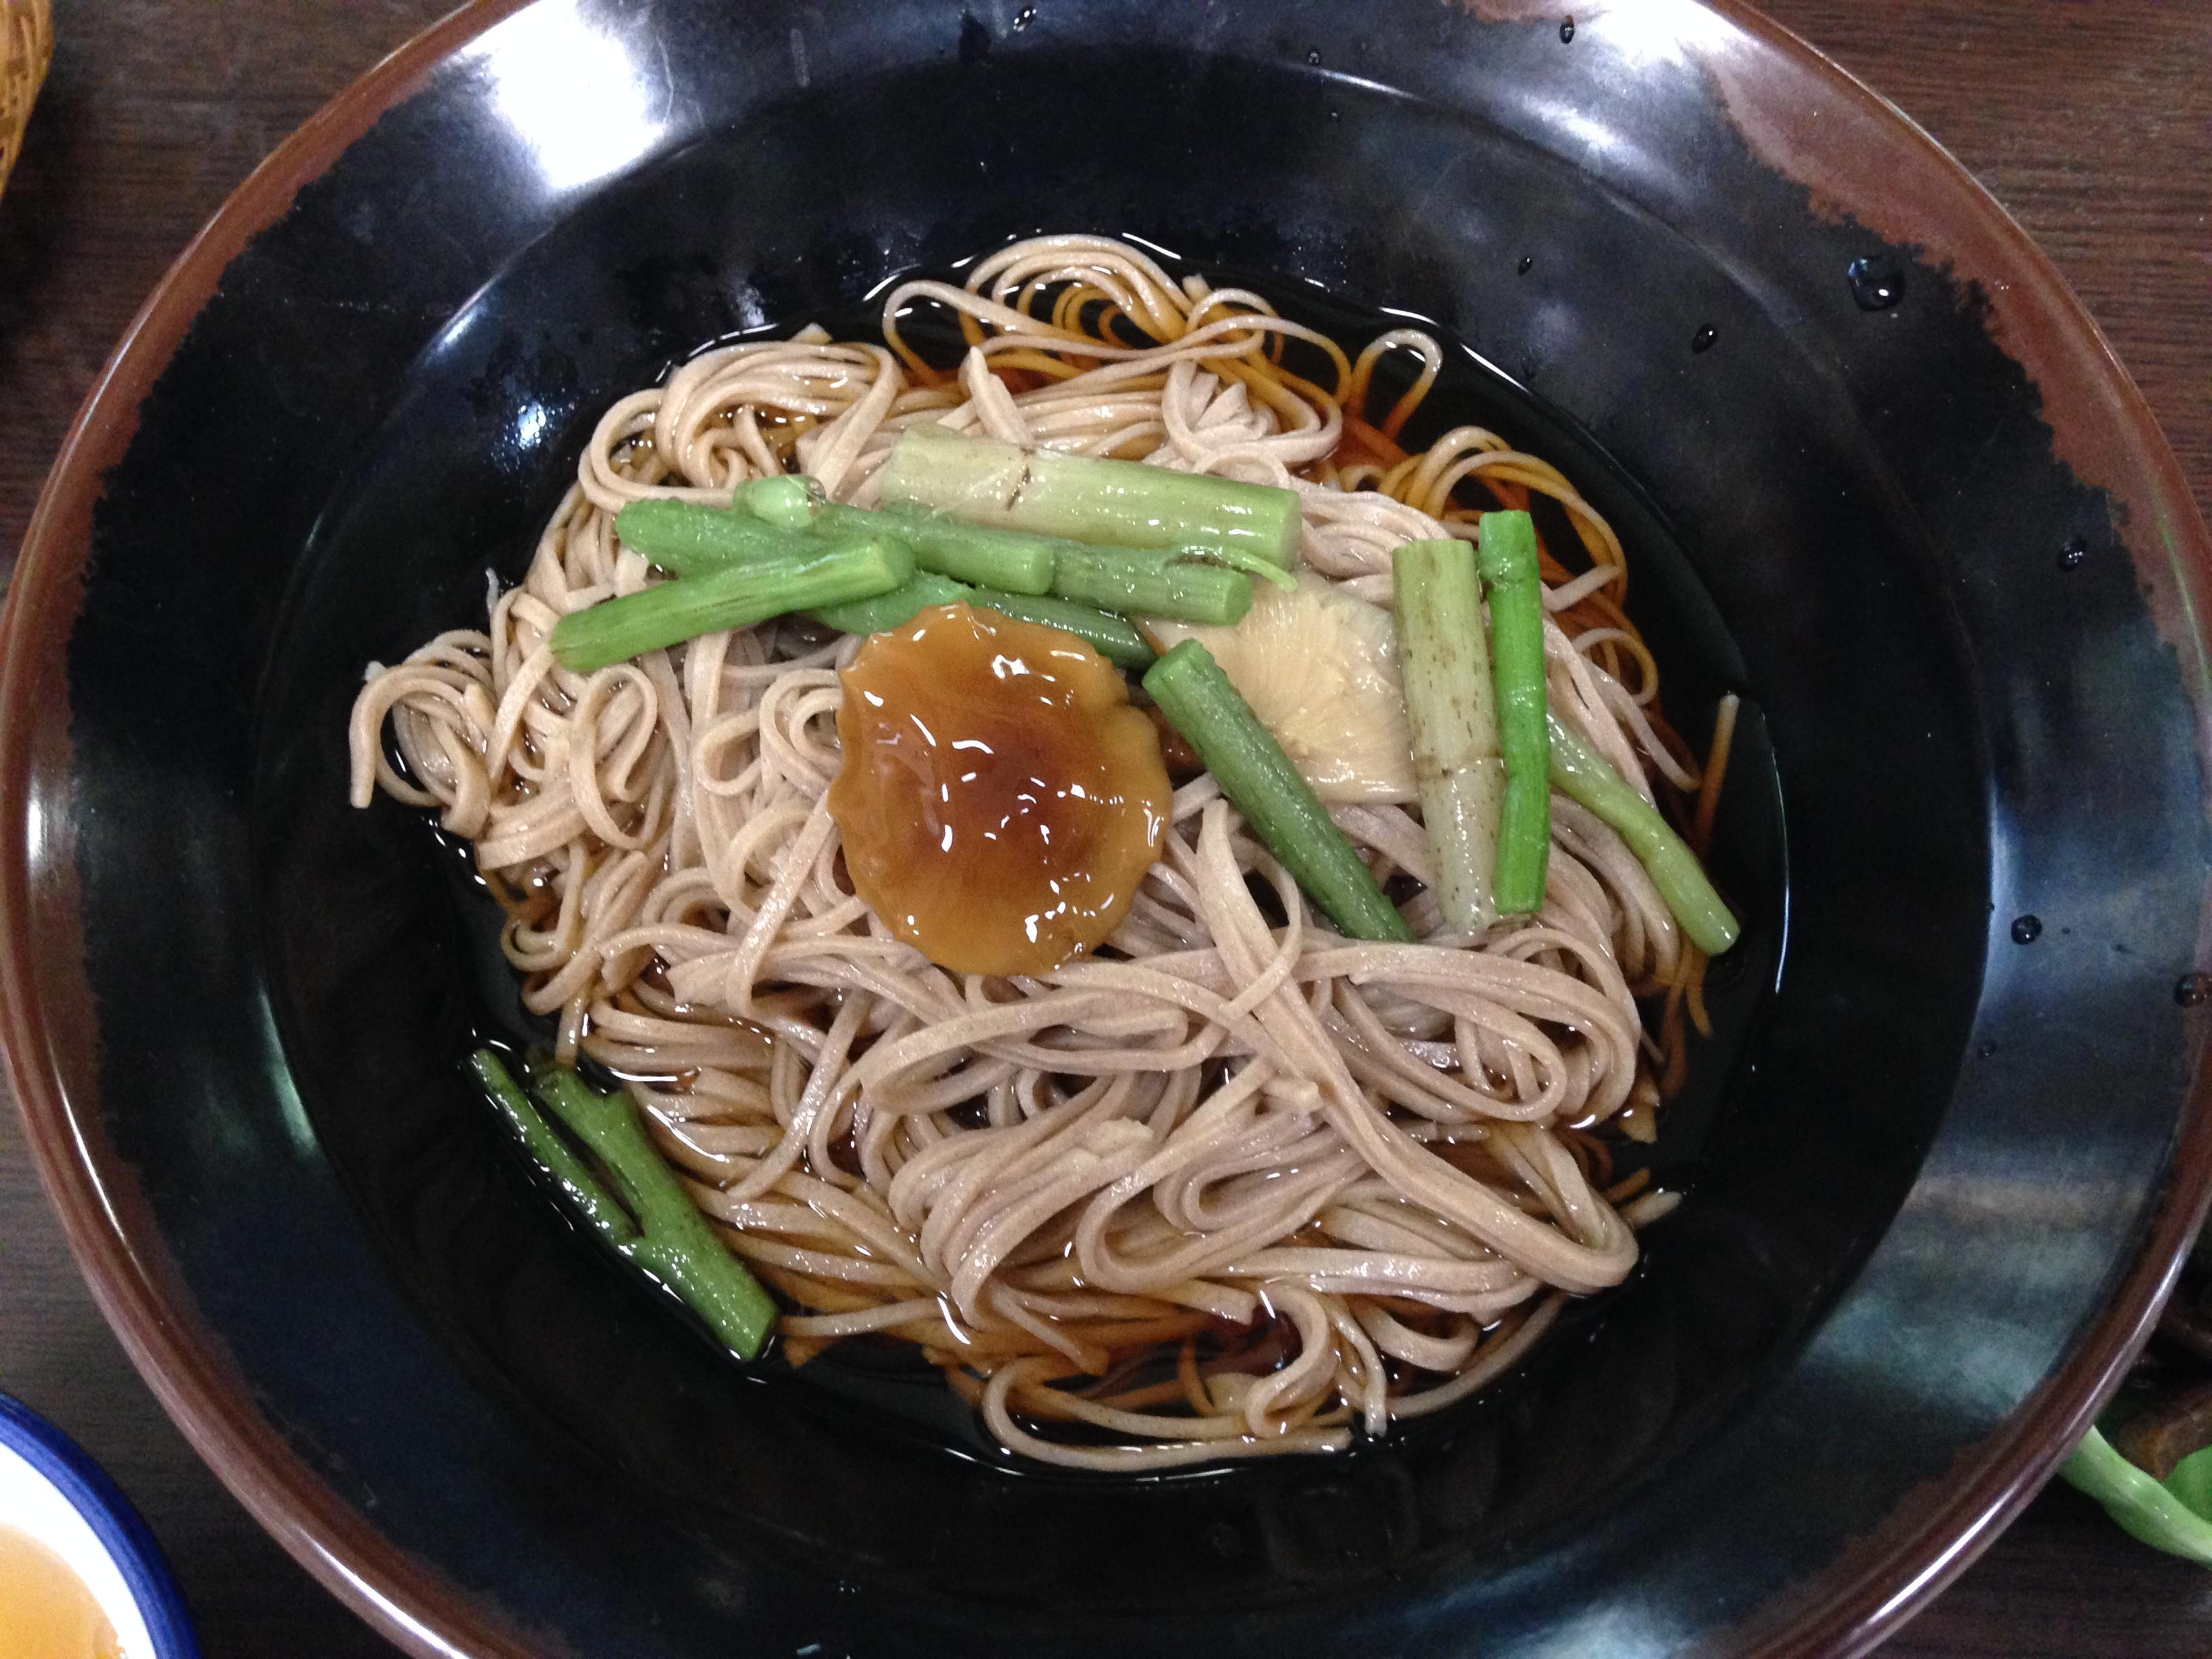 福岛县美食:尾濑荞麦面